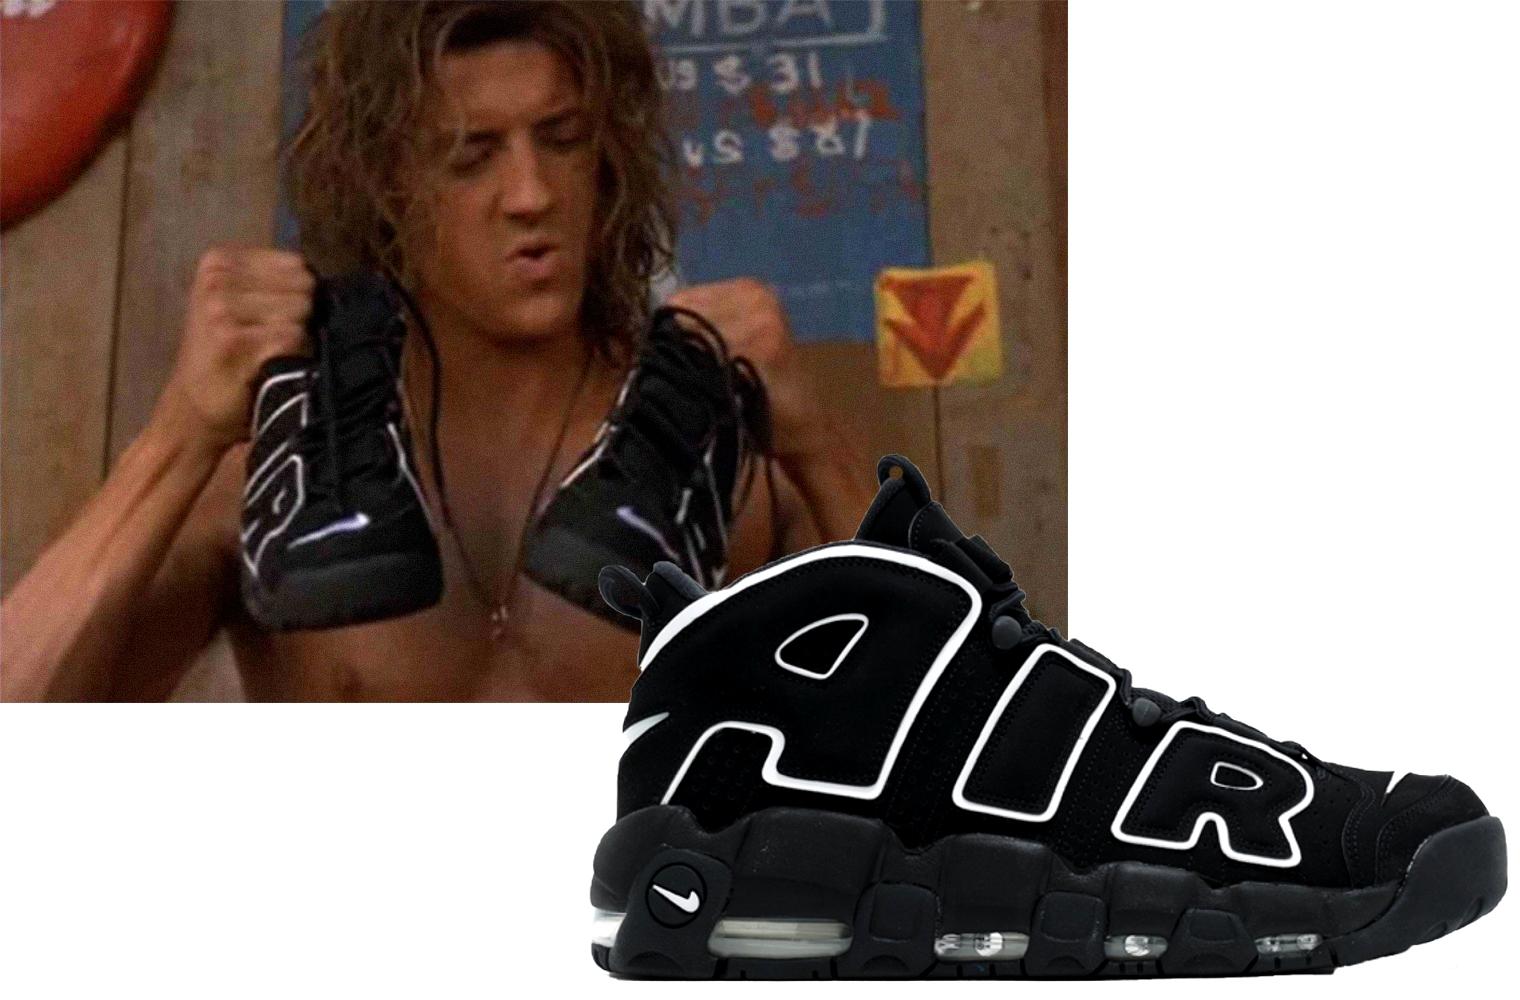 Кроссовки из фильма: Nike Air More Uptempo в «Джордж из джунглей» (1997)